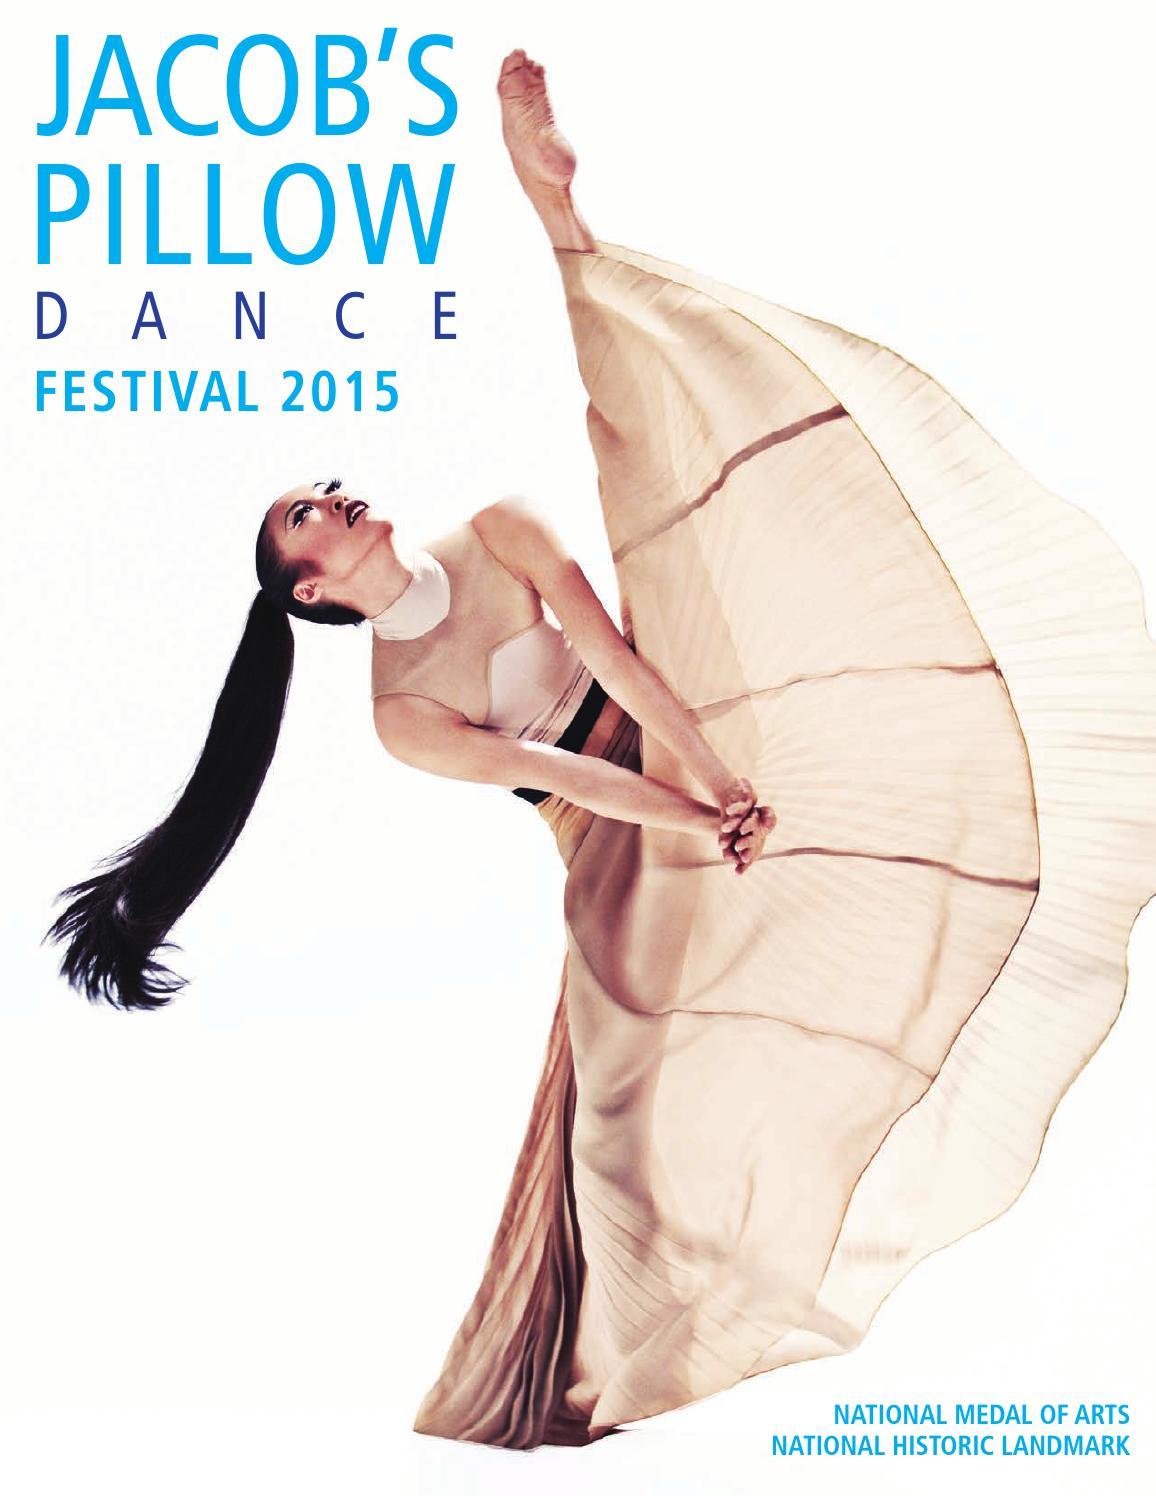 jacob s pillow dance 2015 festival